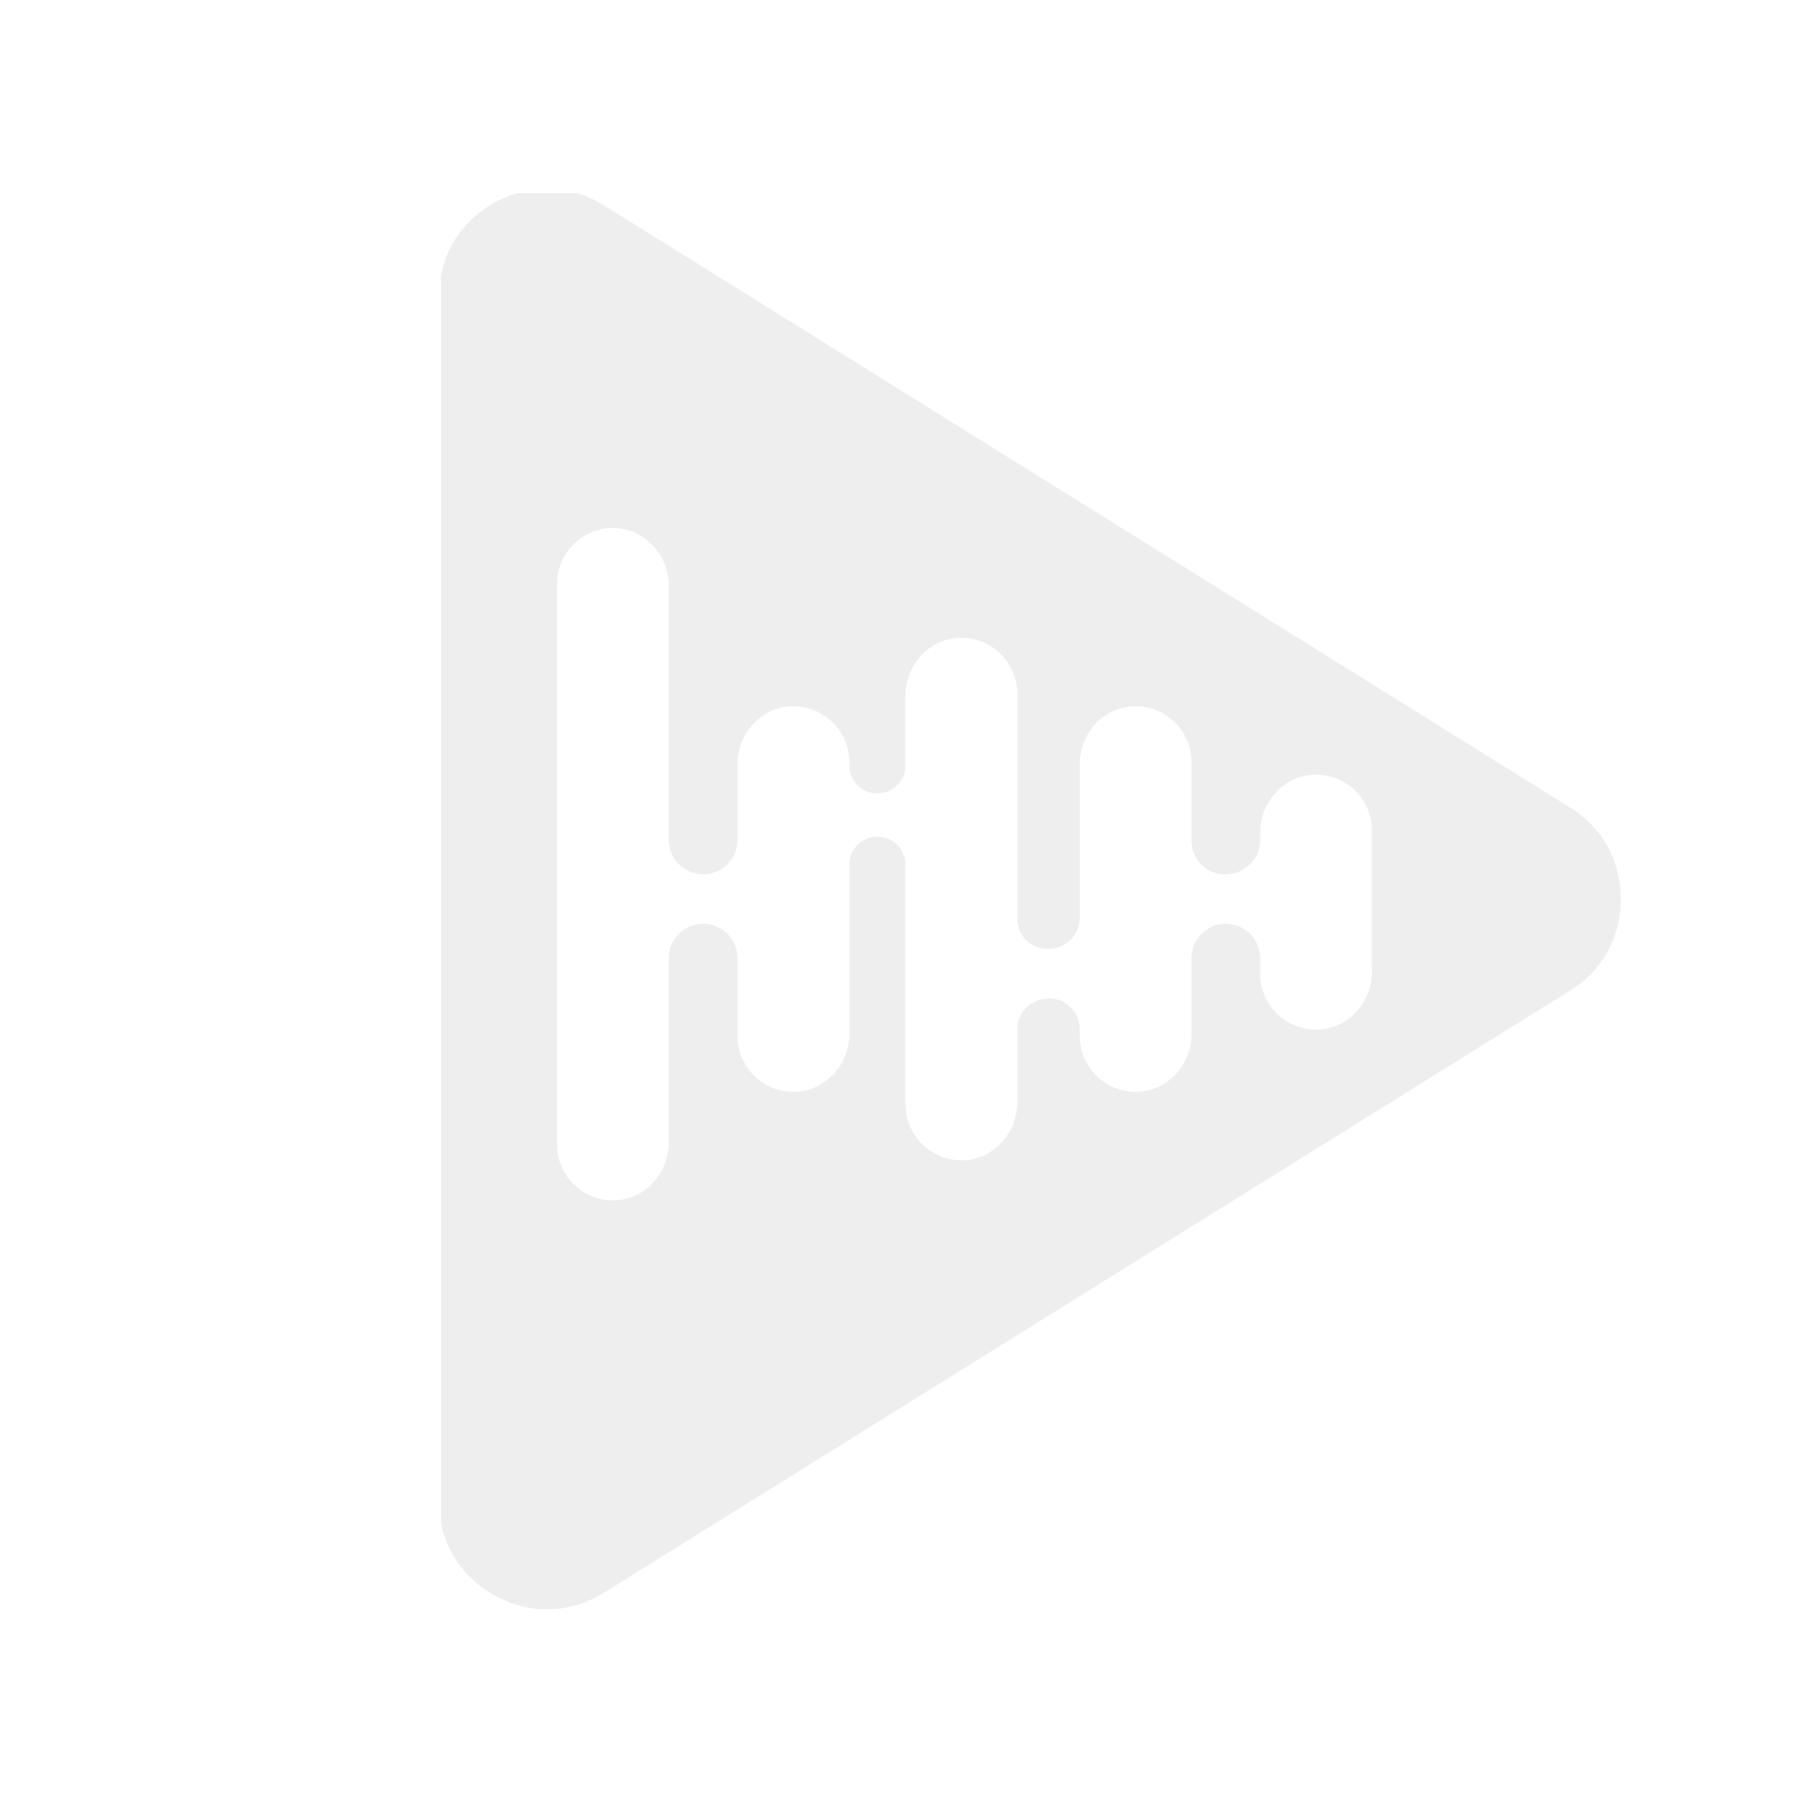 PSB Imagine X2T - Gulvstående høyttalere, sort ask (Par)